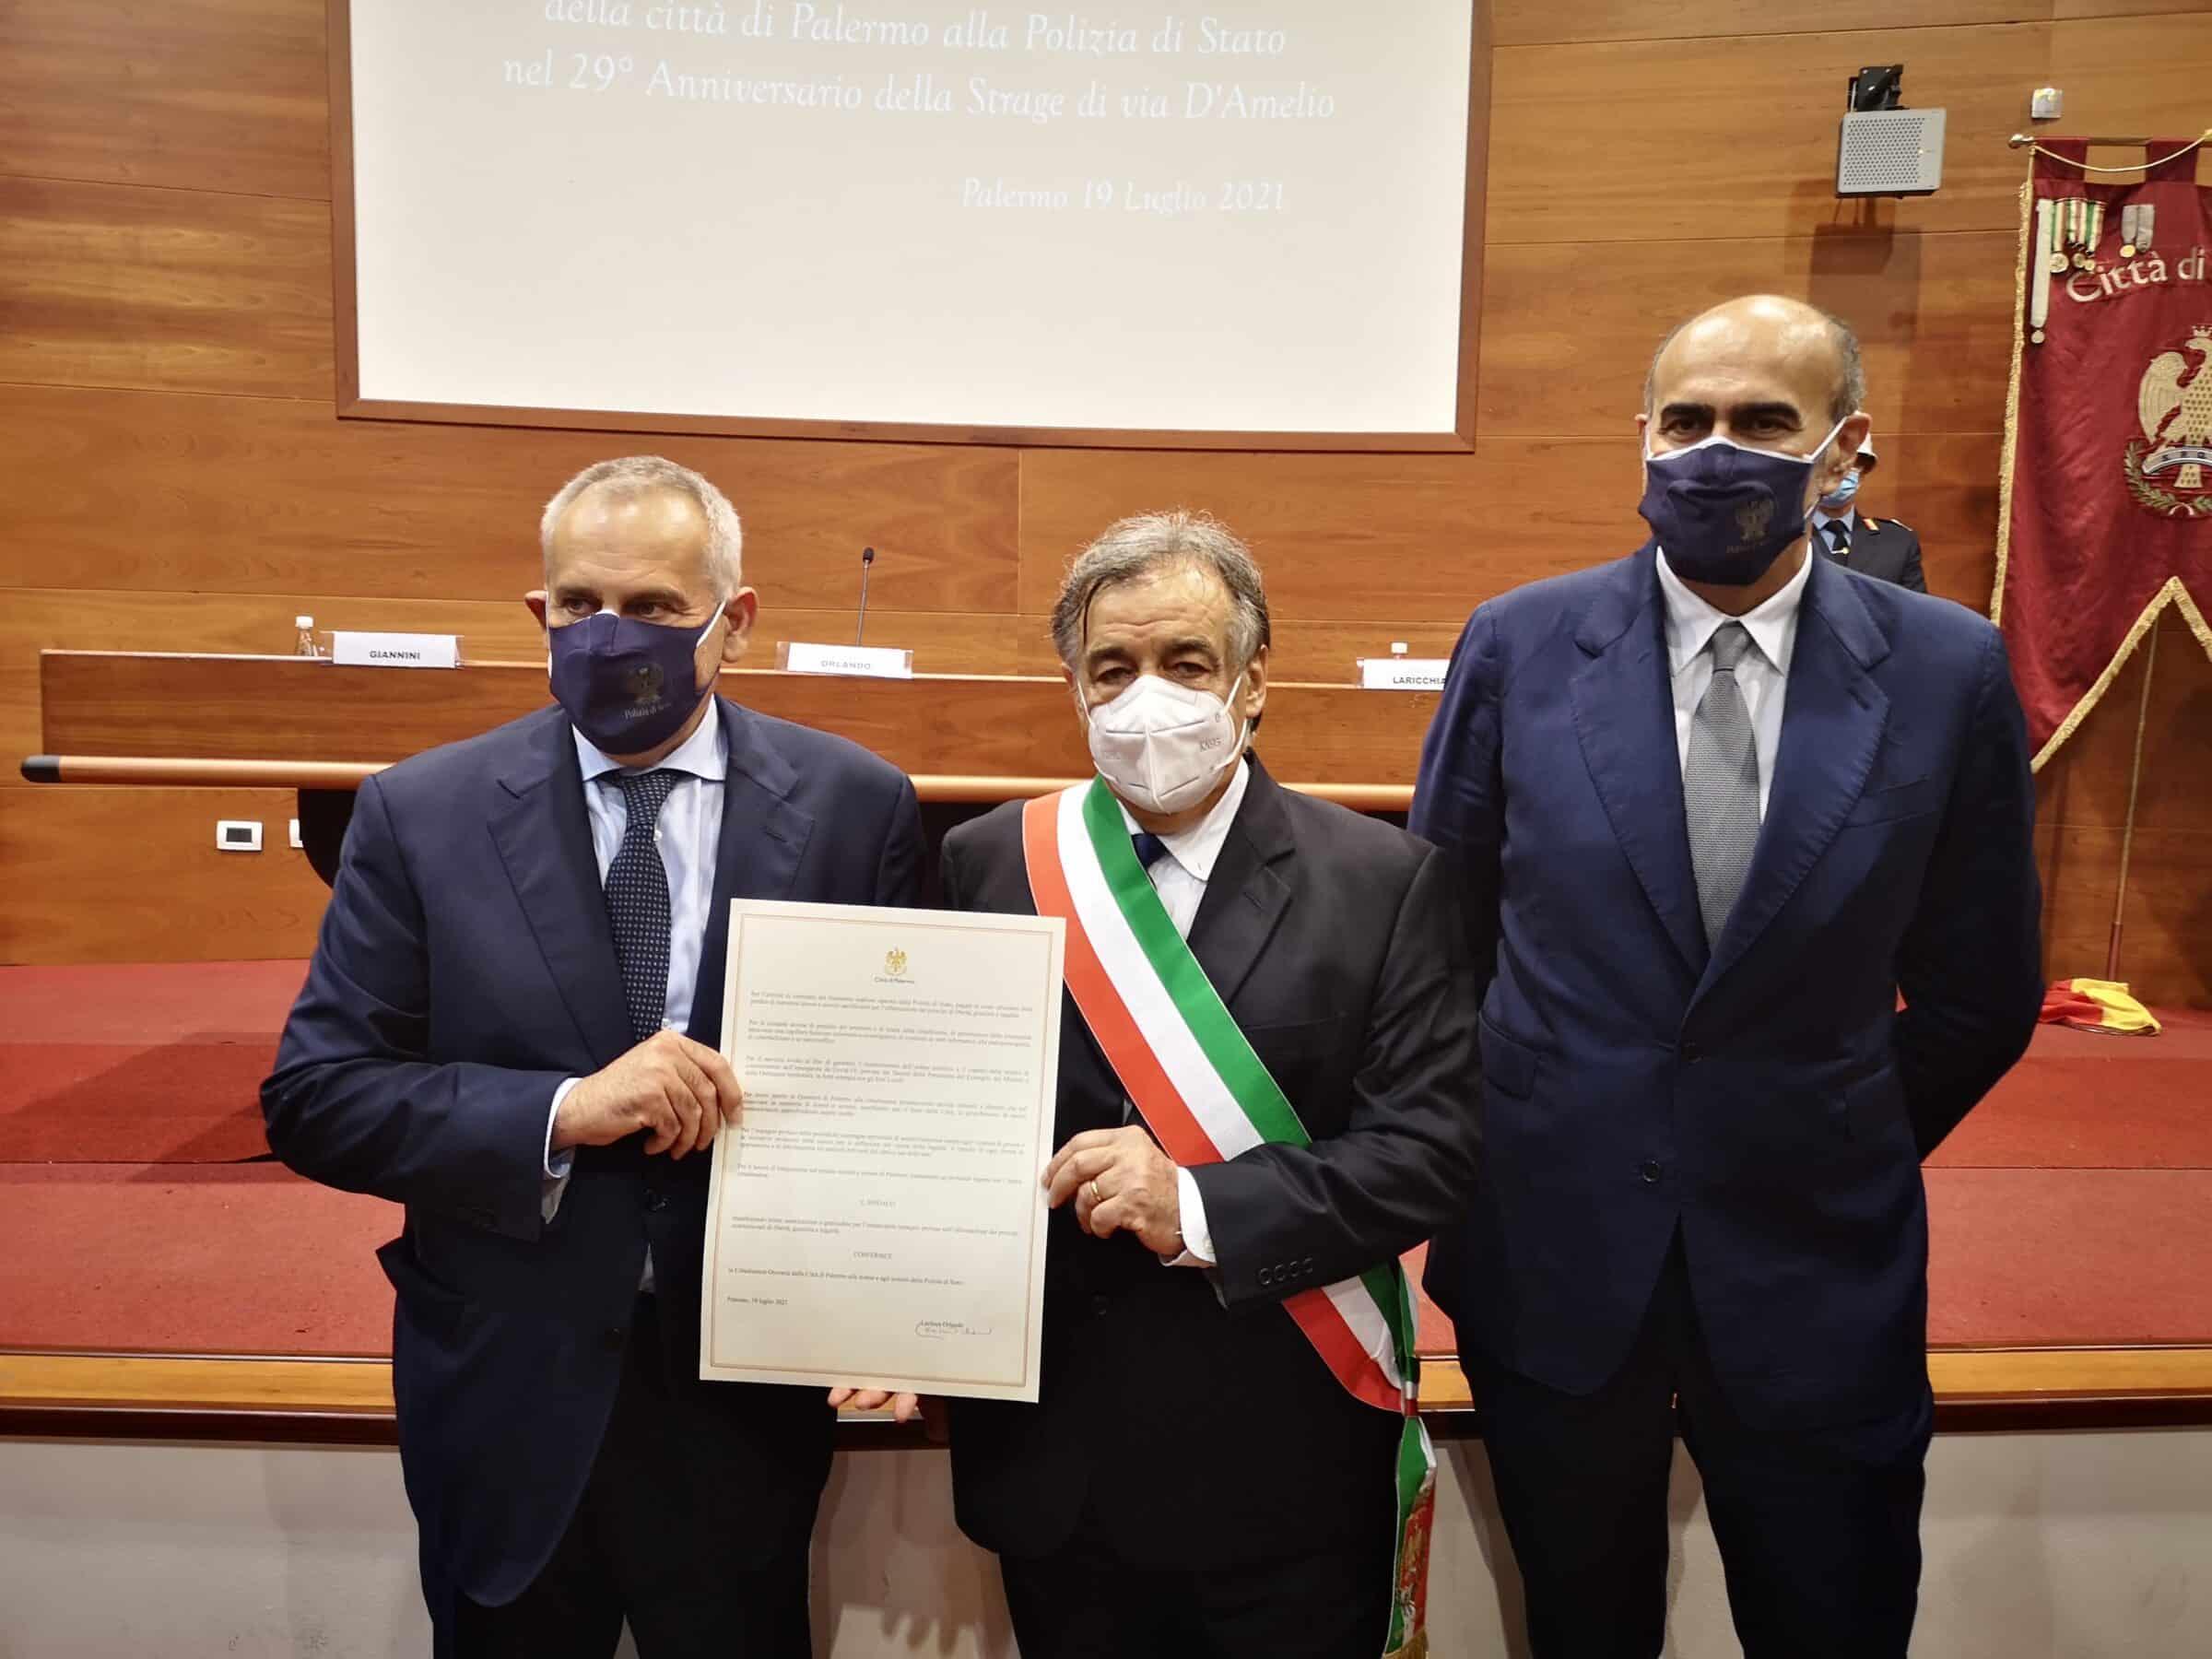 """Palermo, conferita la cittadinanza onoraria alla Polizia di Stato: """"Grazie a chi mette a rischio propria vita"""""""